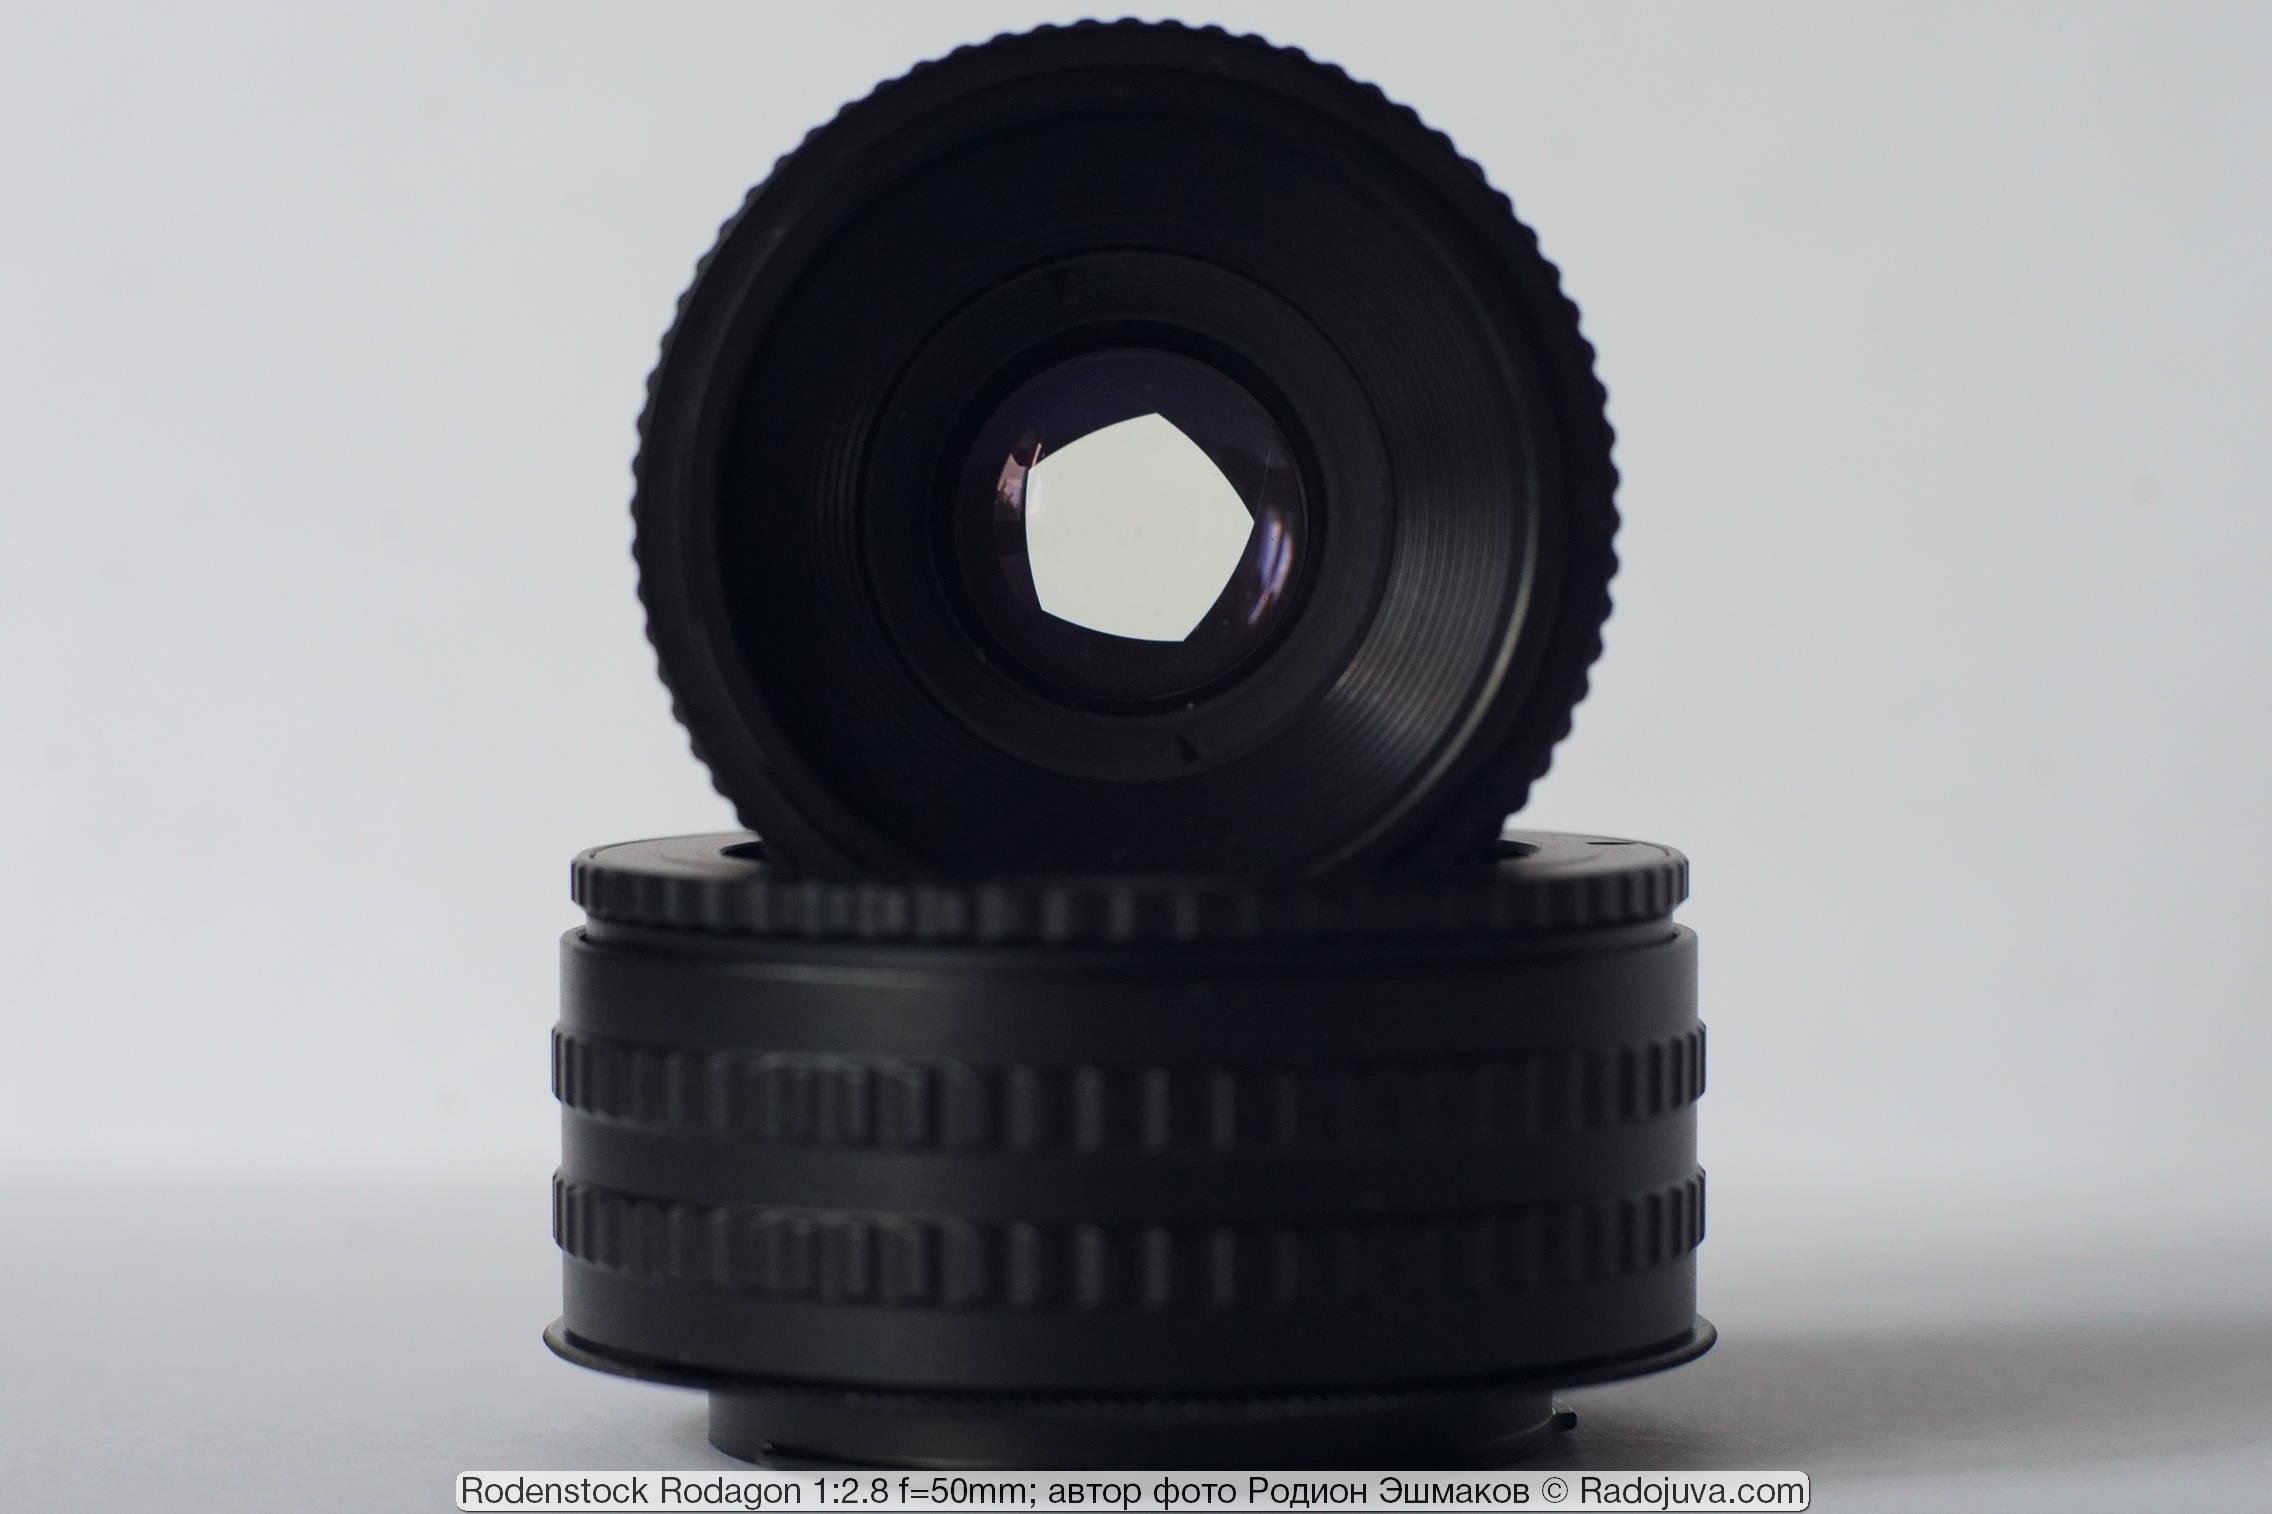 Вид объектива на просвет при прикрытой диафрагме.